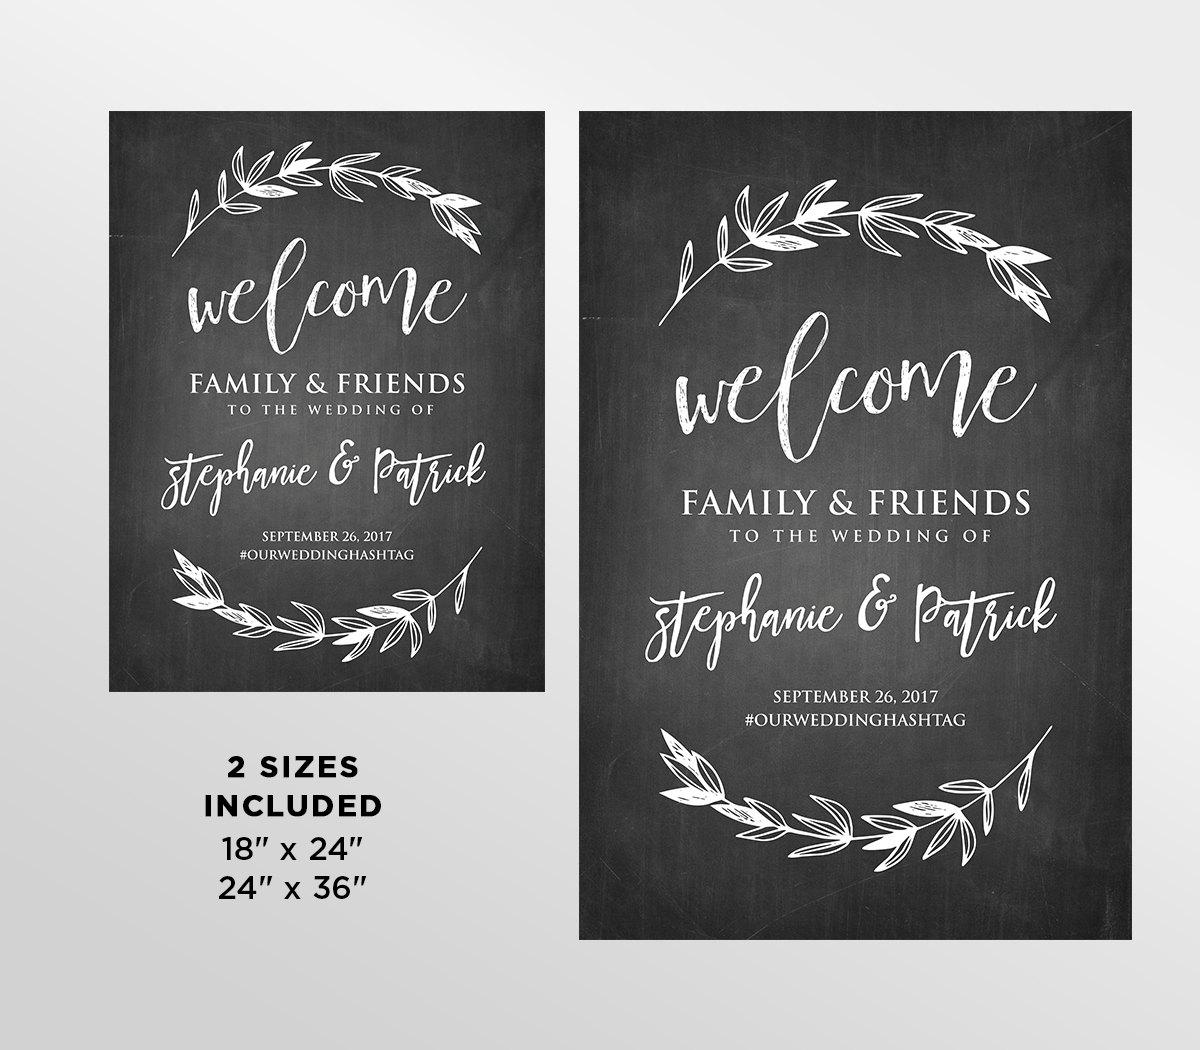 printable wedding welcome sign rustic chalkboard wedding digital file instant download. Black Bedroom Furniture Sets. Home Design Ideas